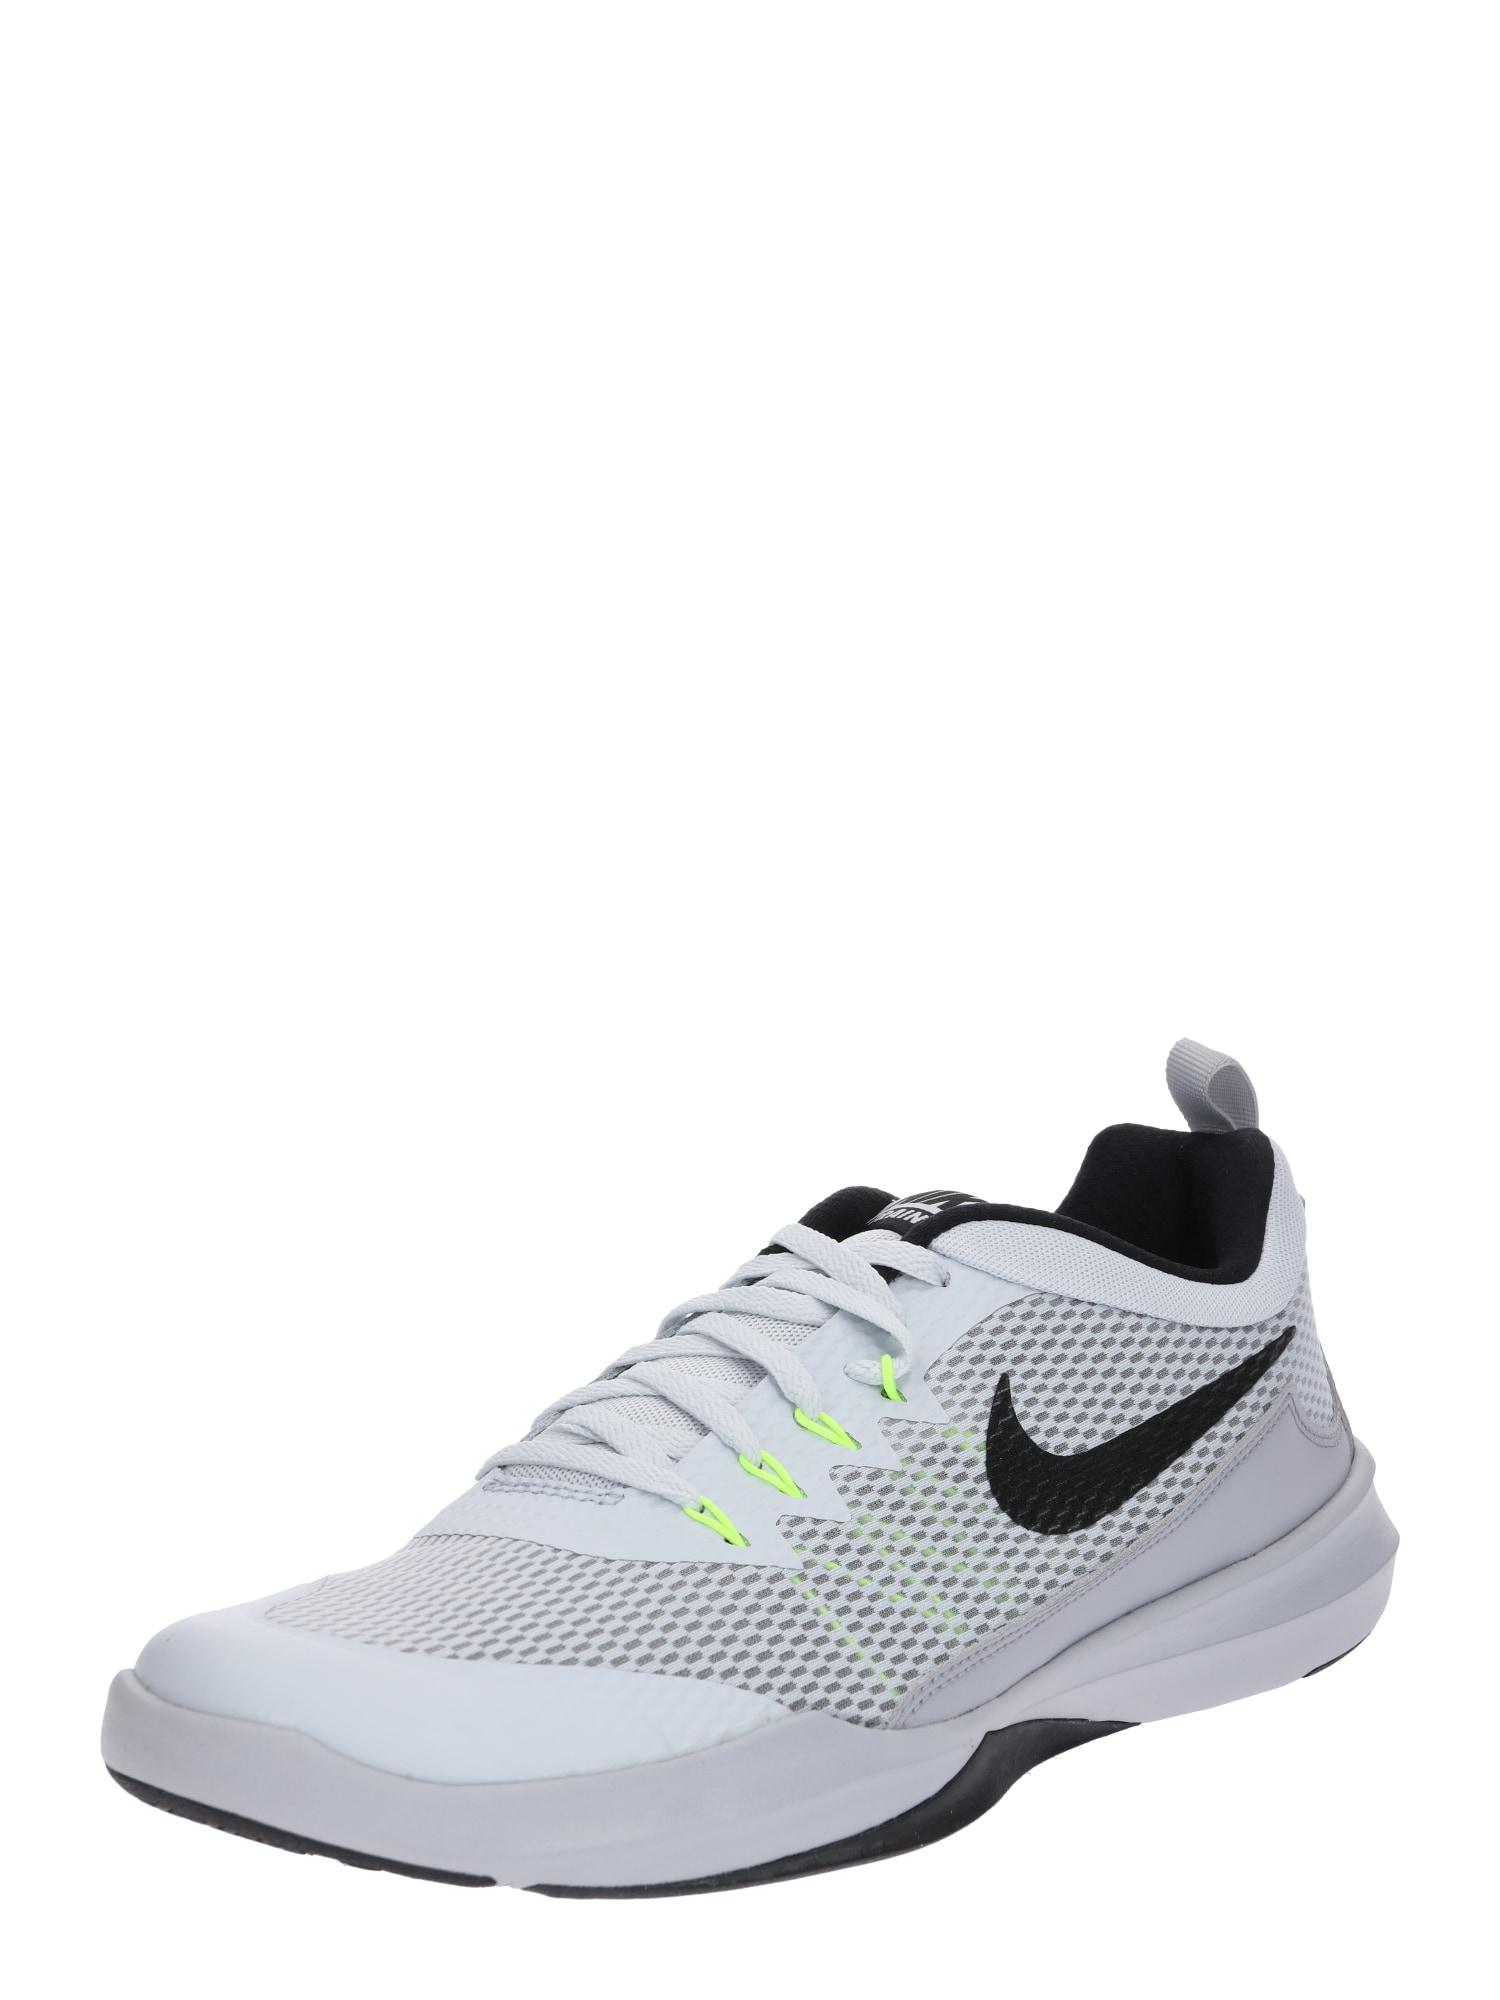 Sportovní boty Nike Legend Trainer svítivě žlutá černá bílá NIKE